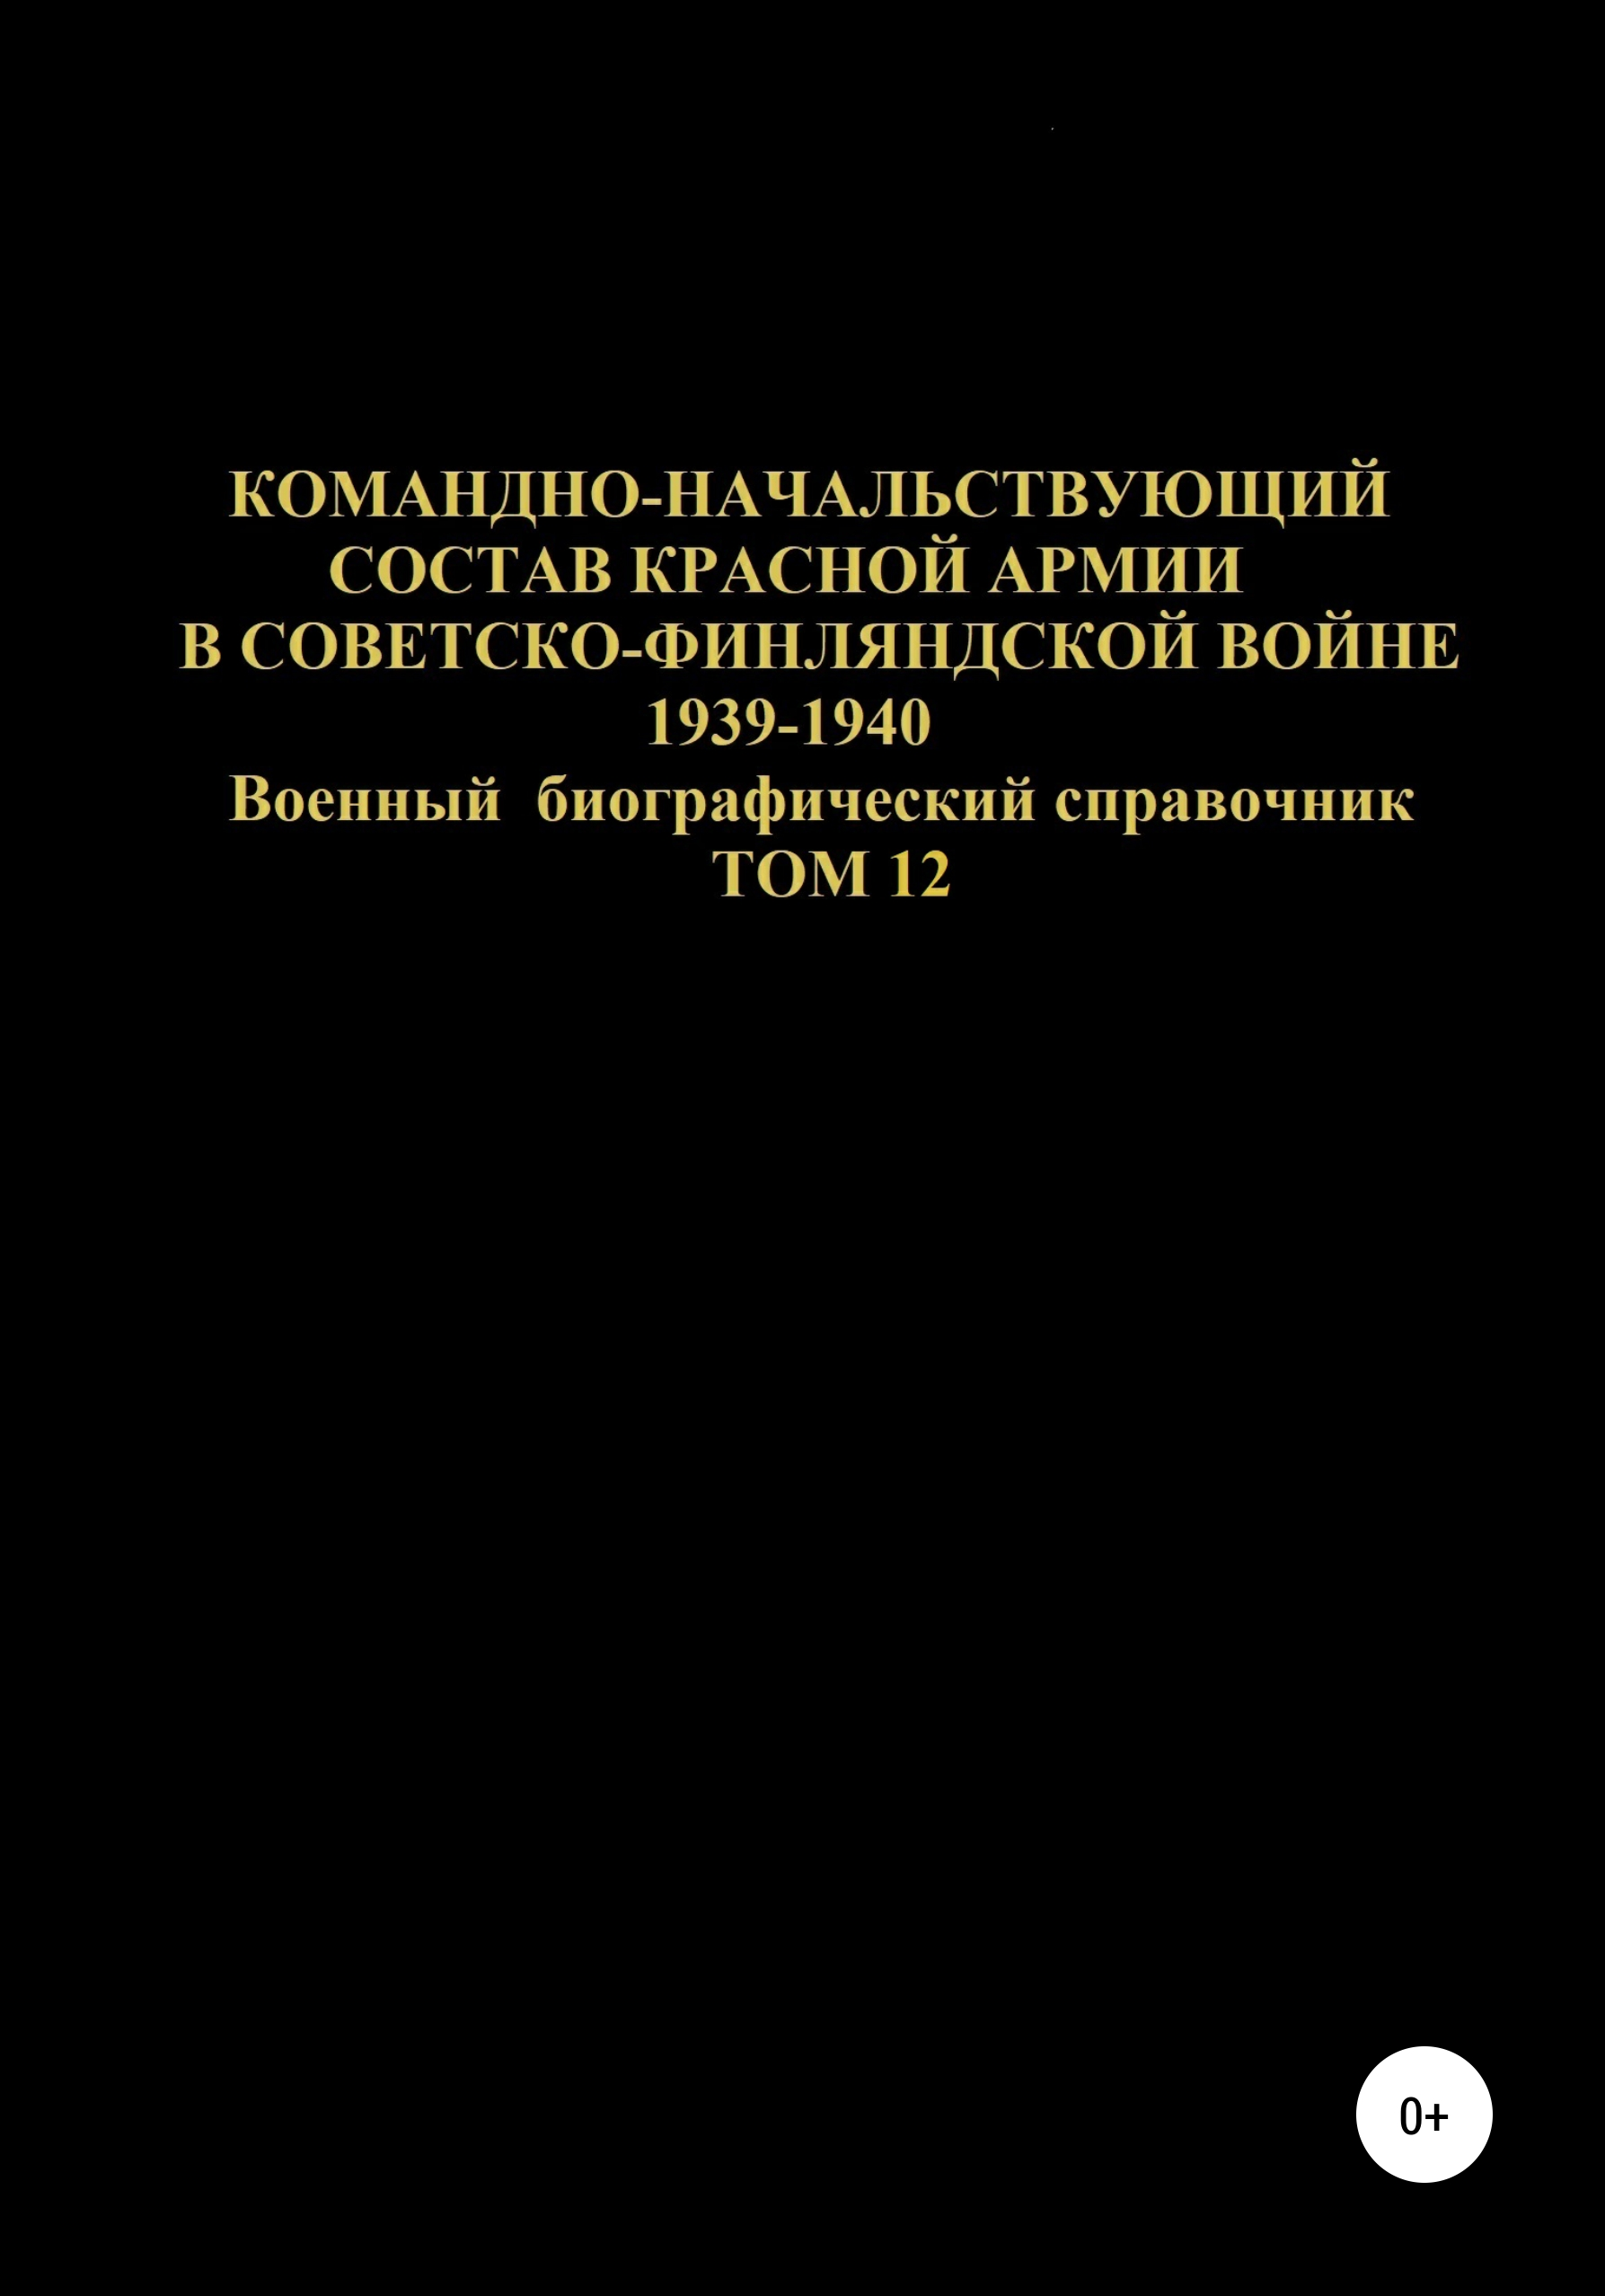 Командно-начальствующий состав Красной Армии в советско-финляндской войне 1939-1940 гг. Том 12